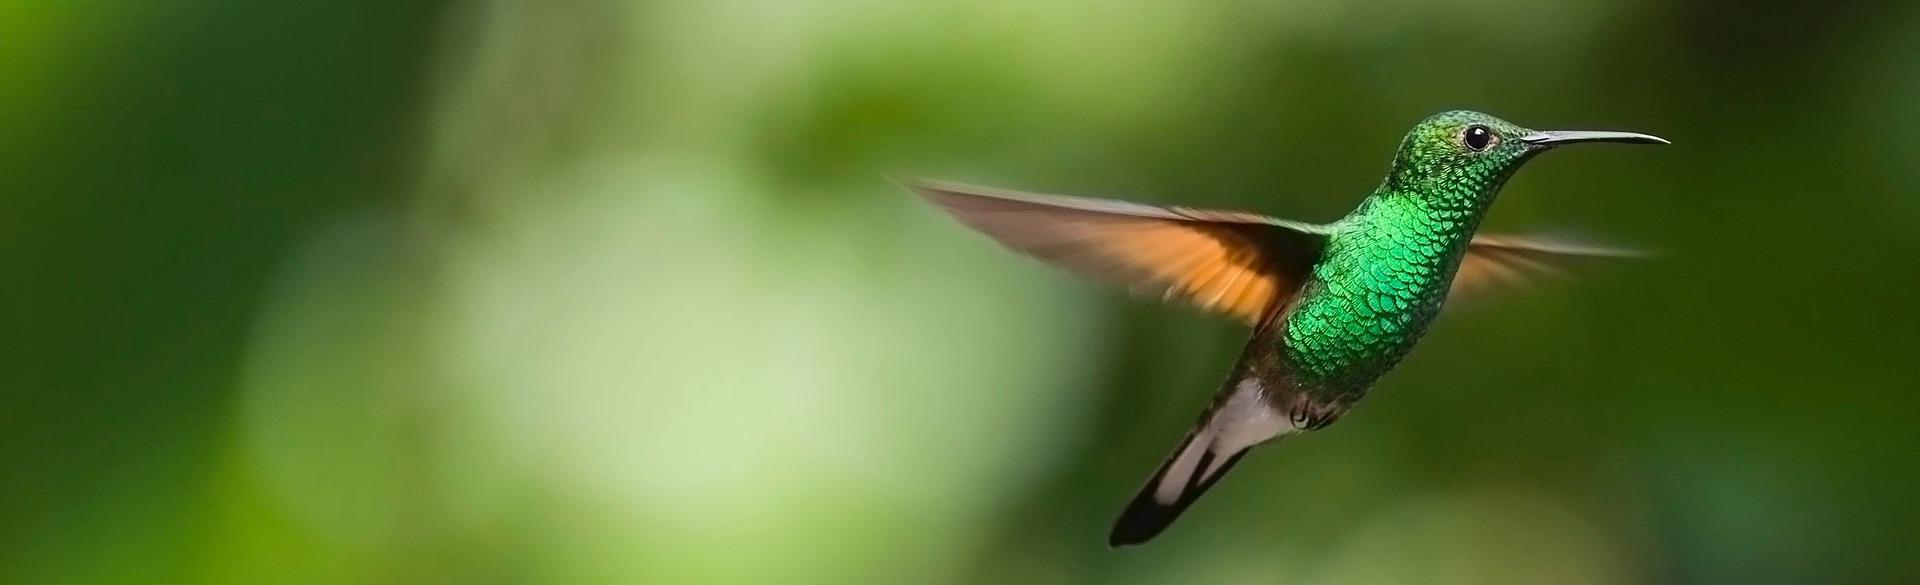 colibri je latinsky kolibřík